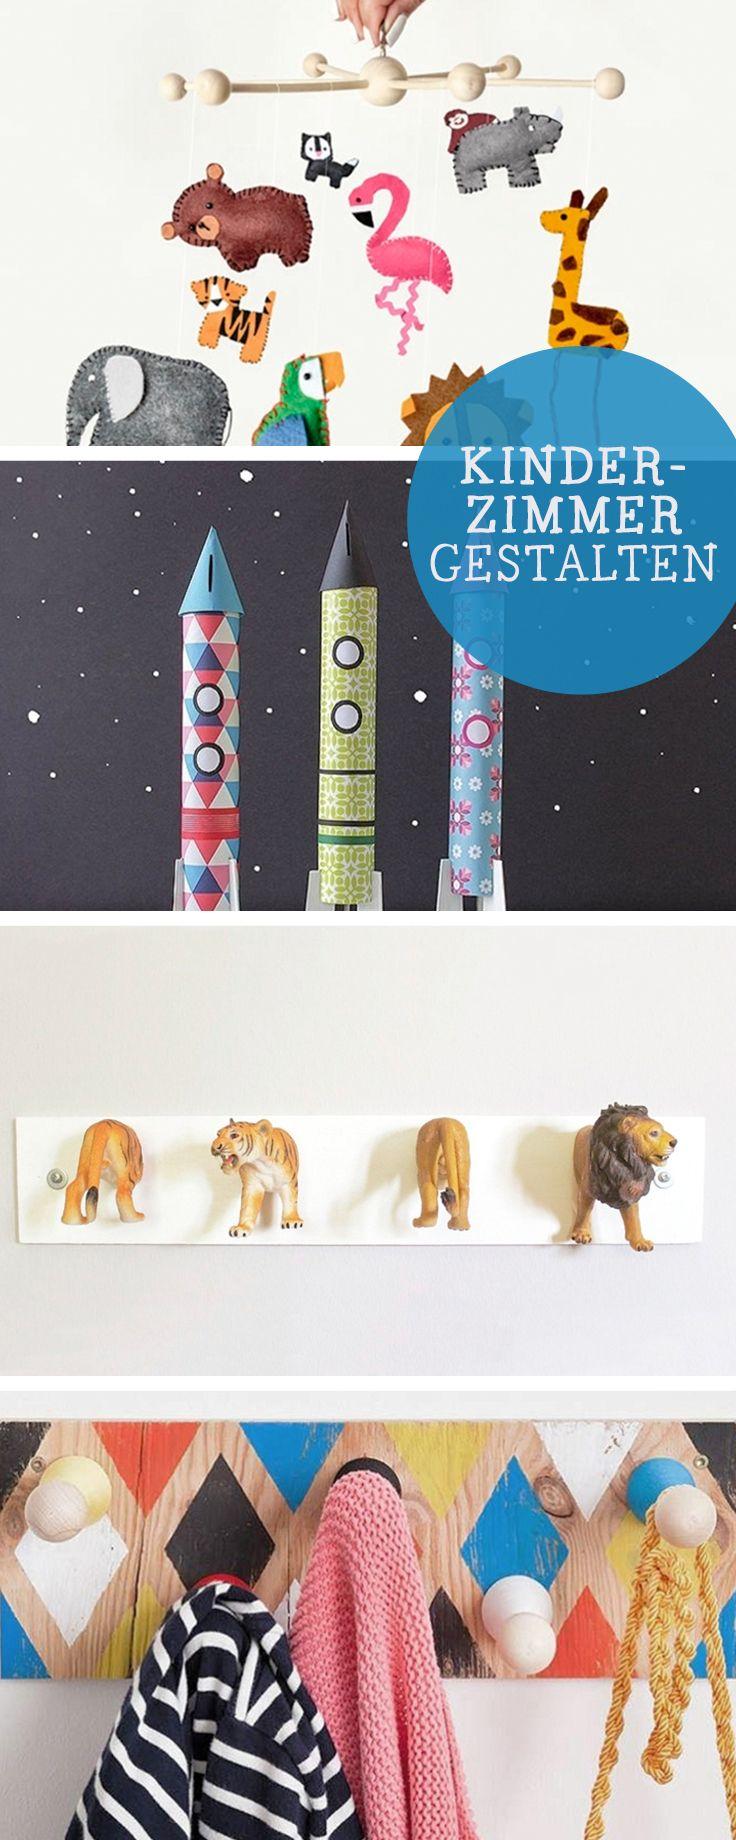 DIY-Ideen: Die schönsten DIY-Anleitungen für ein buntes Kinderzimmer / colourful diy ideas for the nursery, parenting via DaWanda.com